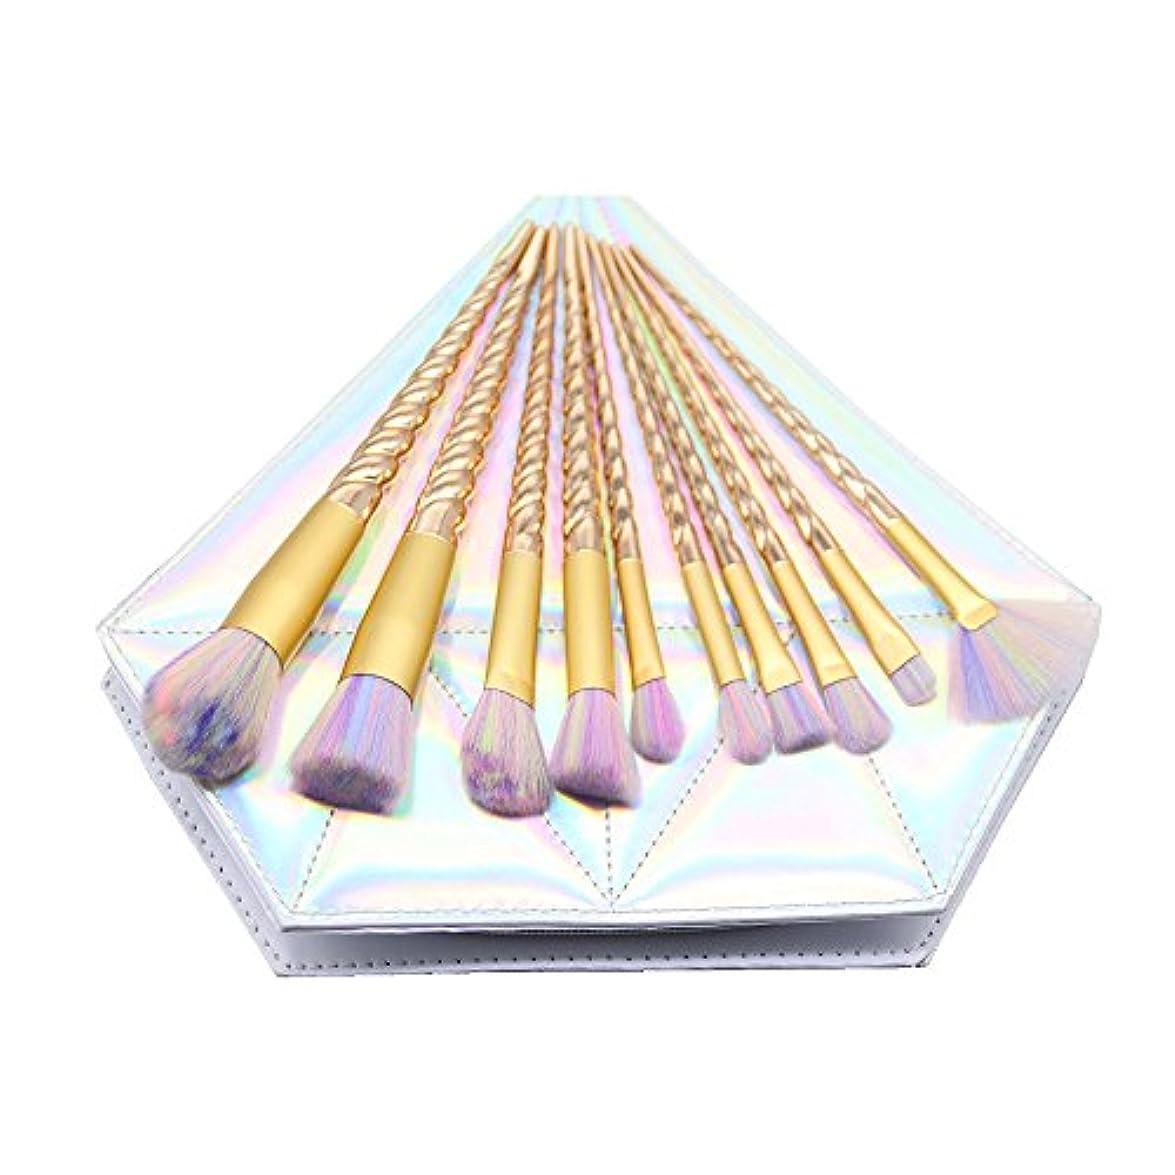 匹敵します刺すデッキDilla Beauty メイクブラシセット 10本セット ユニコーンデザイン プラスチックハンドル 合成毛 ファンデーションブラシ アイシャドーブラッシャー 美容ツール 化粧品のバッグ付き